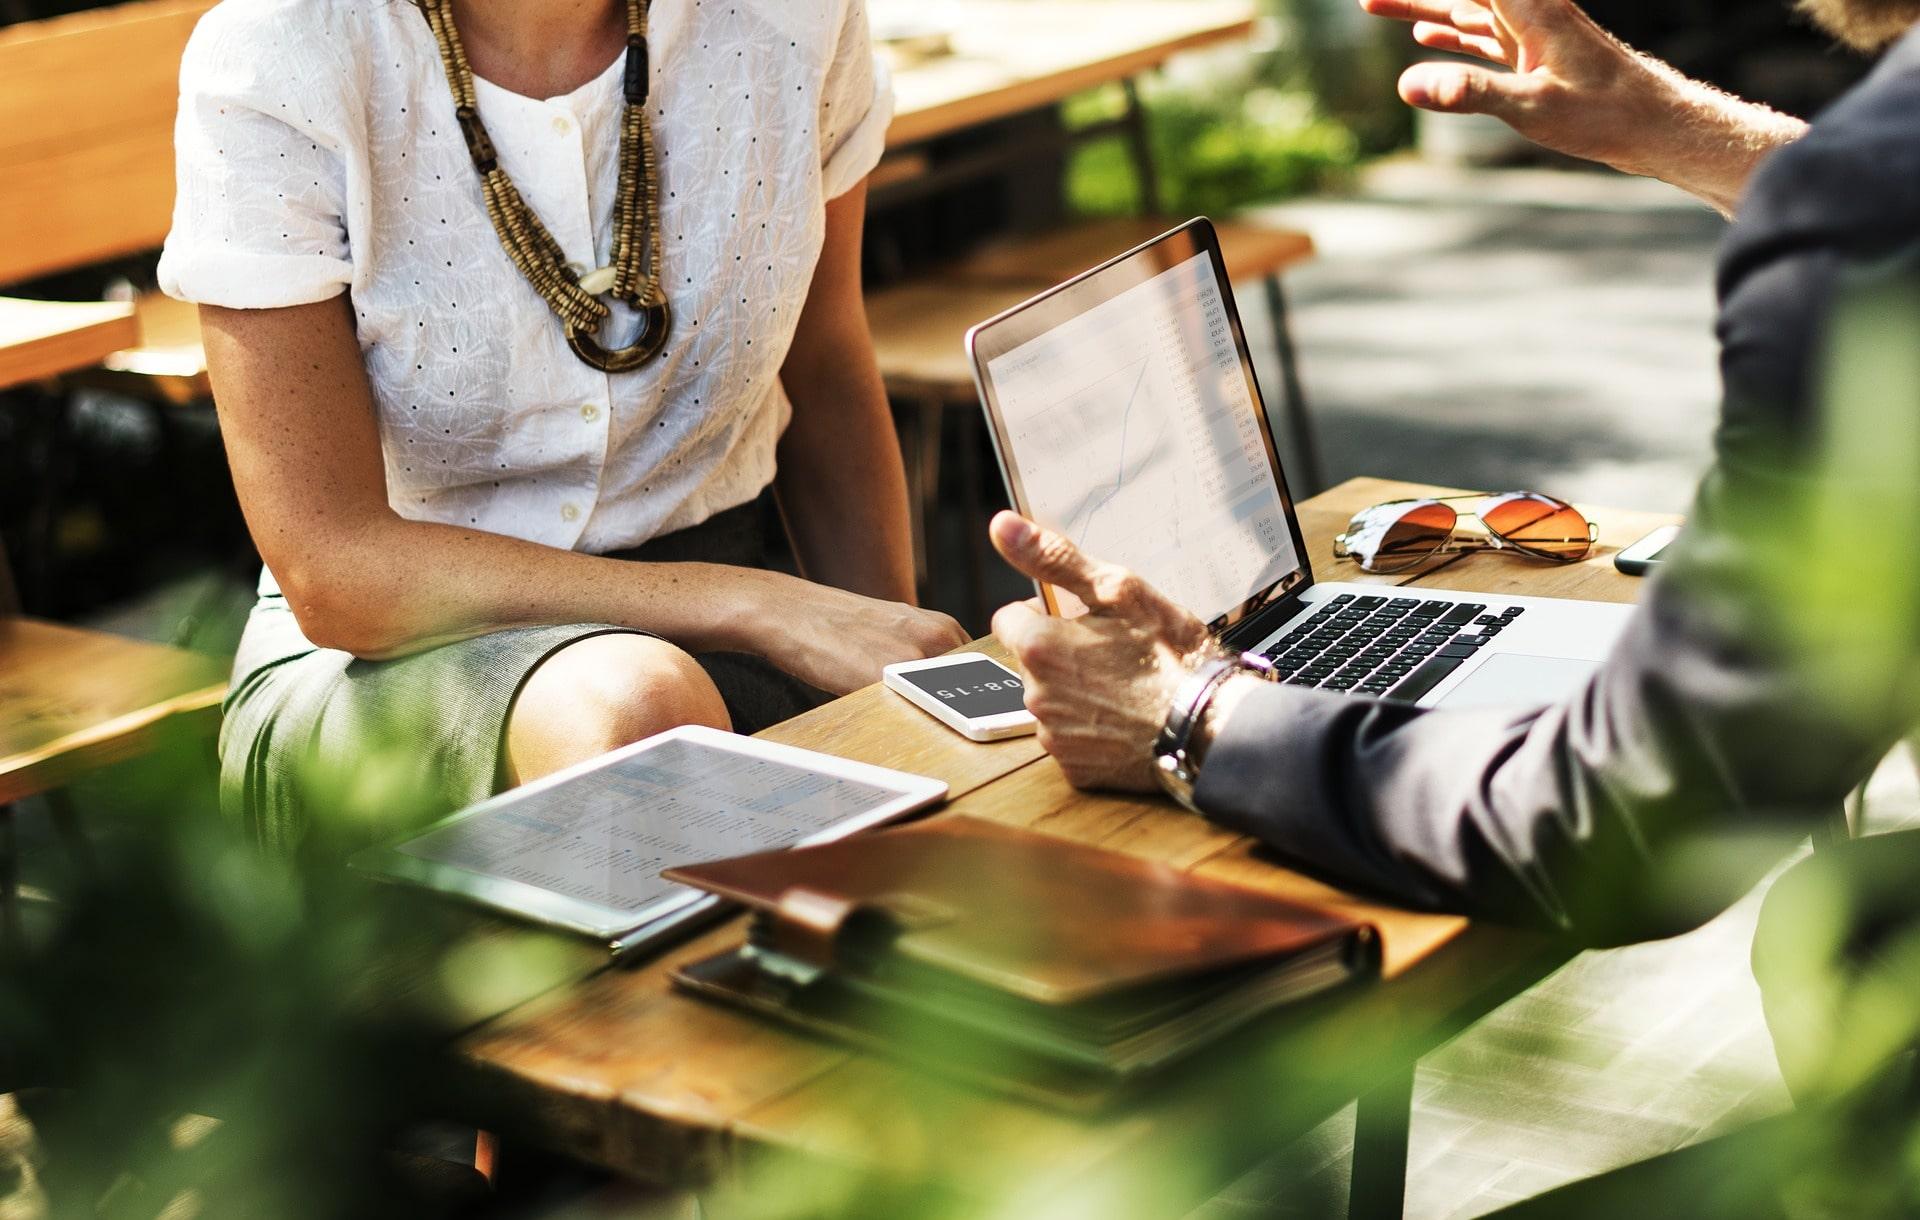 איך להתכונן להגשת תביעת ביטוח?